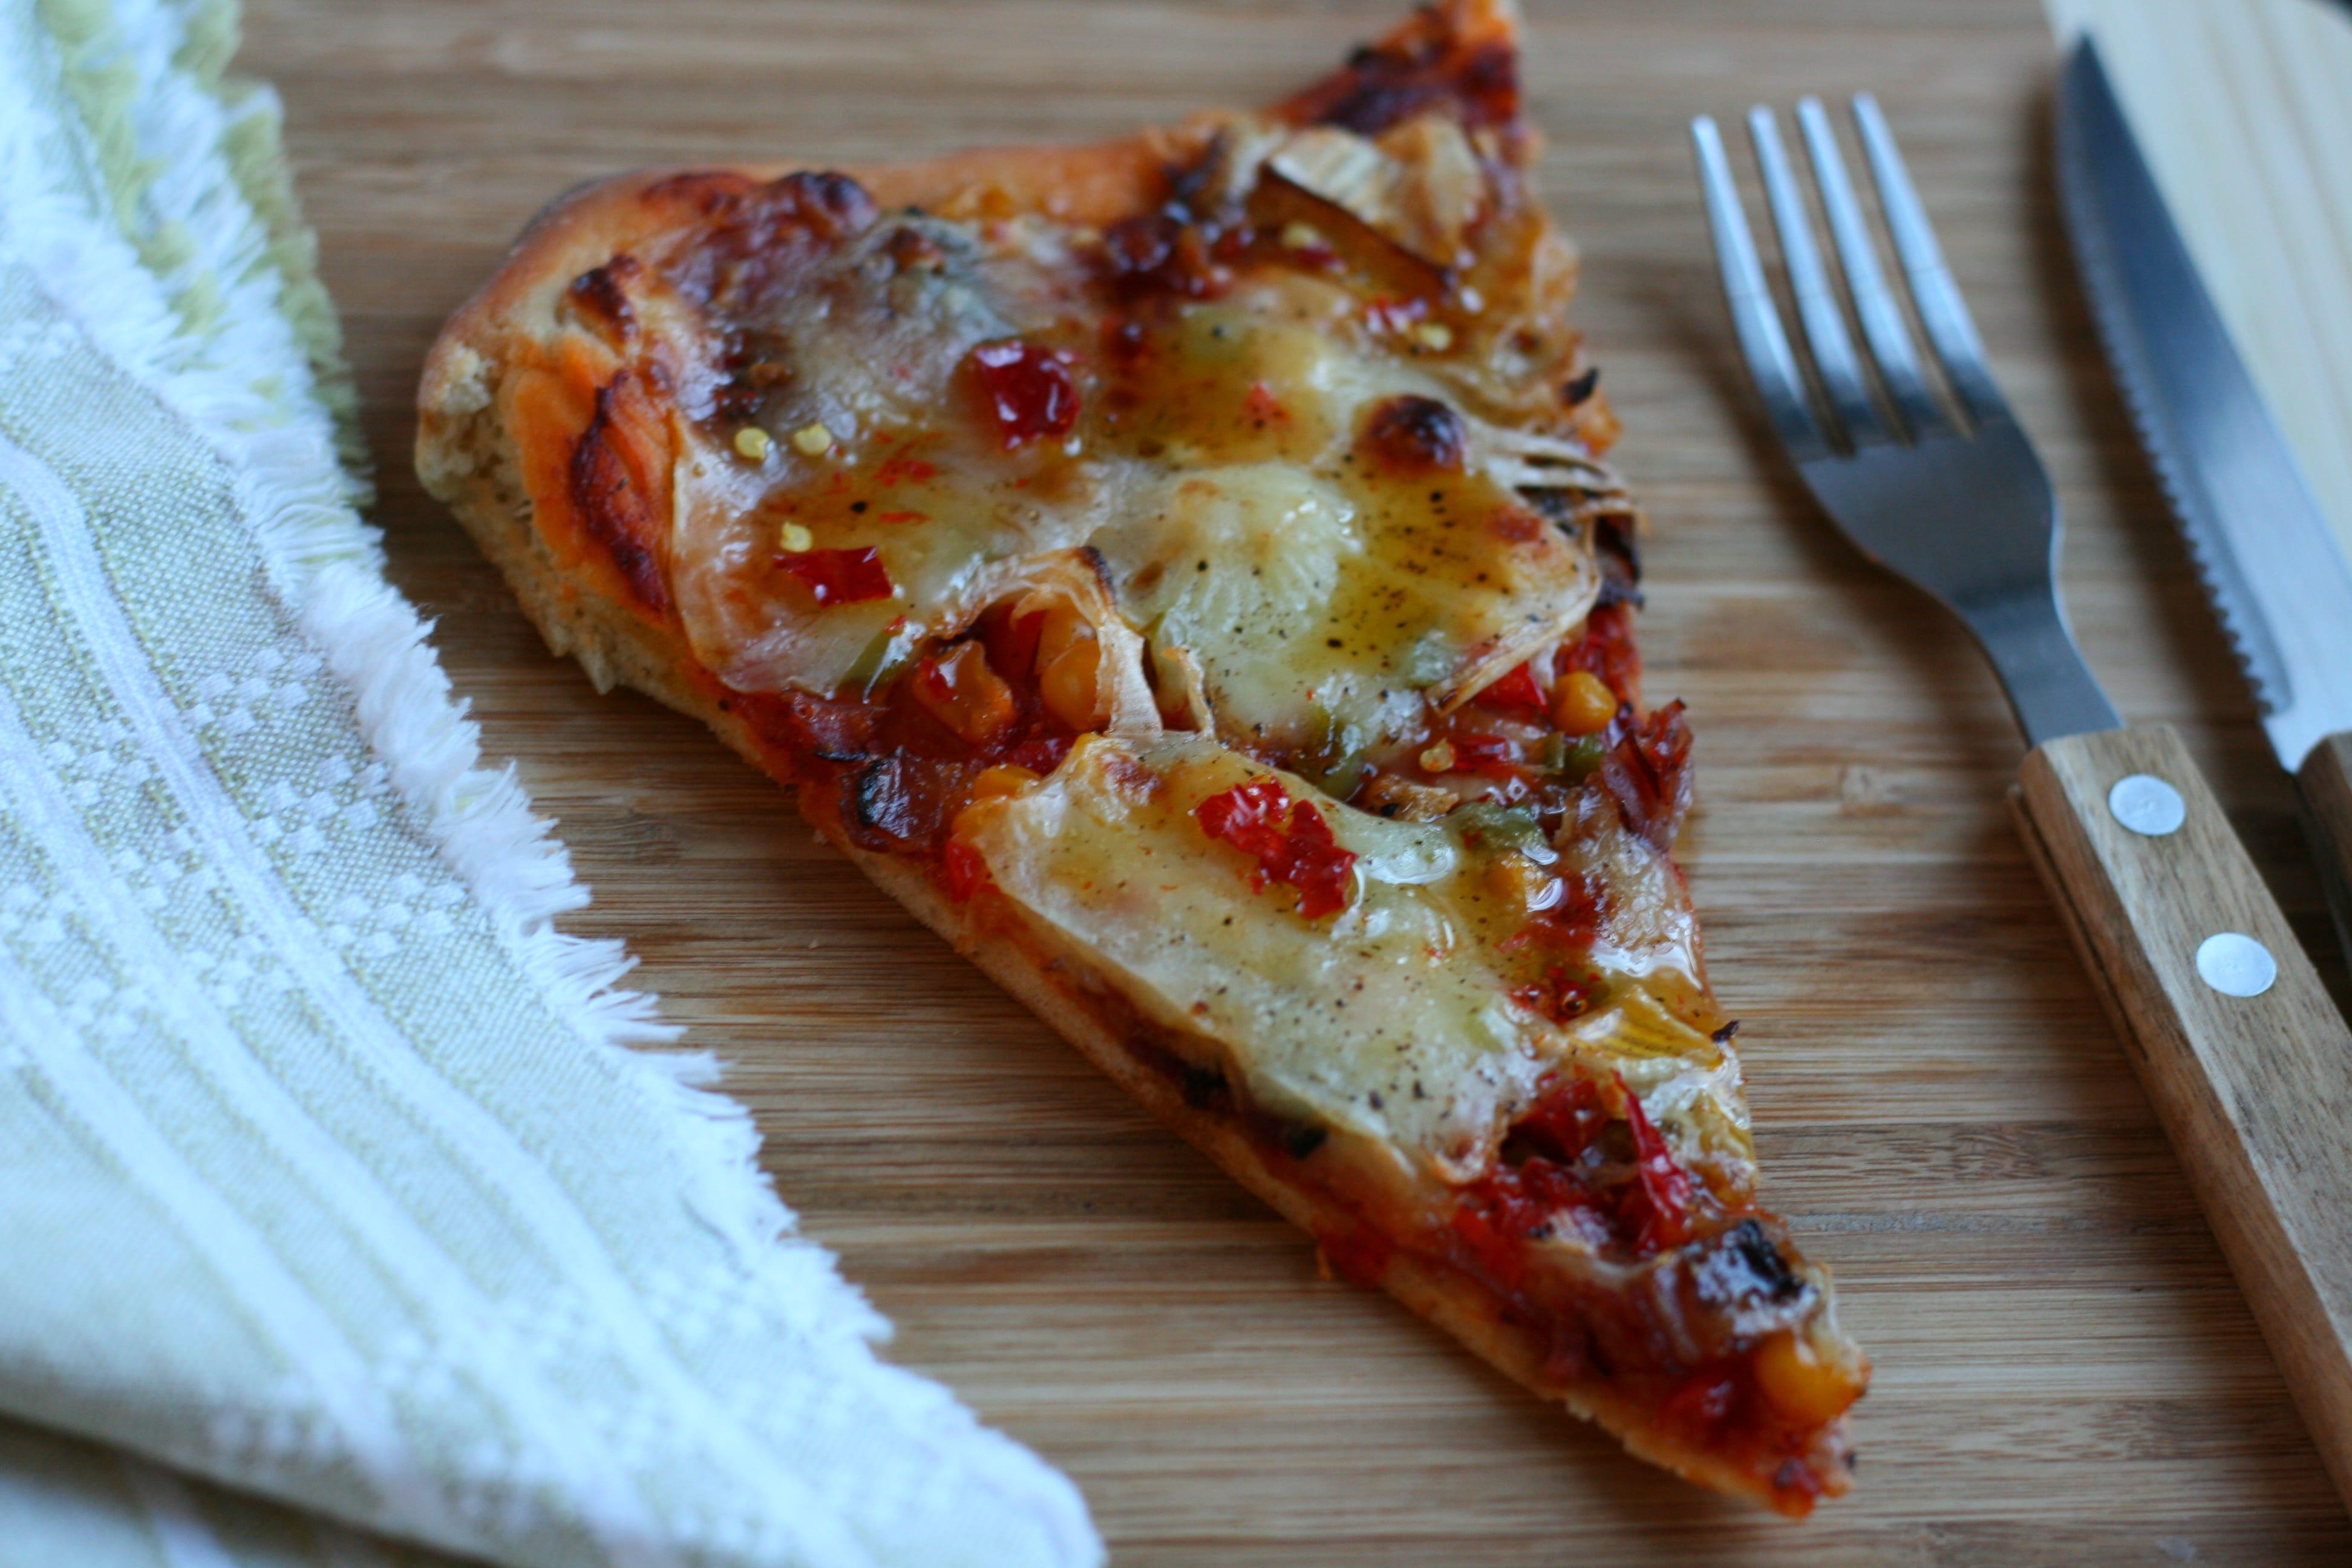 Pizza und Pizzastangerl | Wir leben kochen / Wir lieben kochen